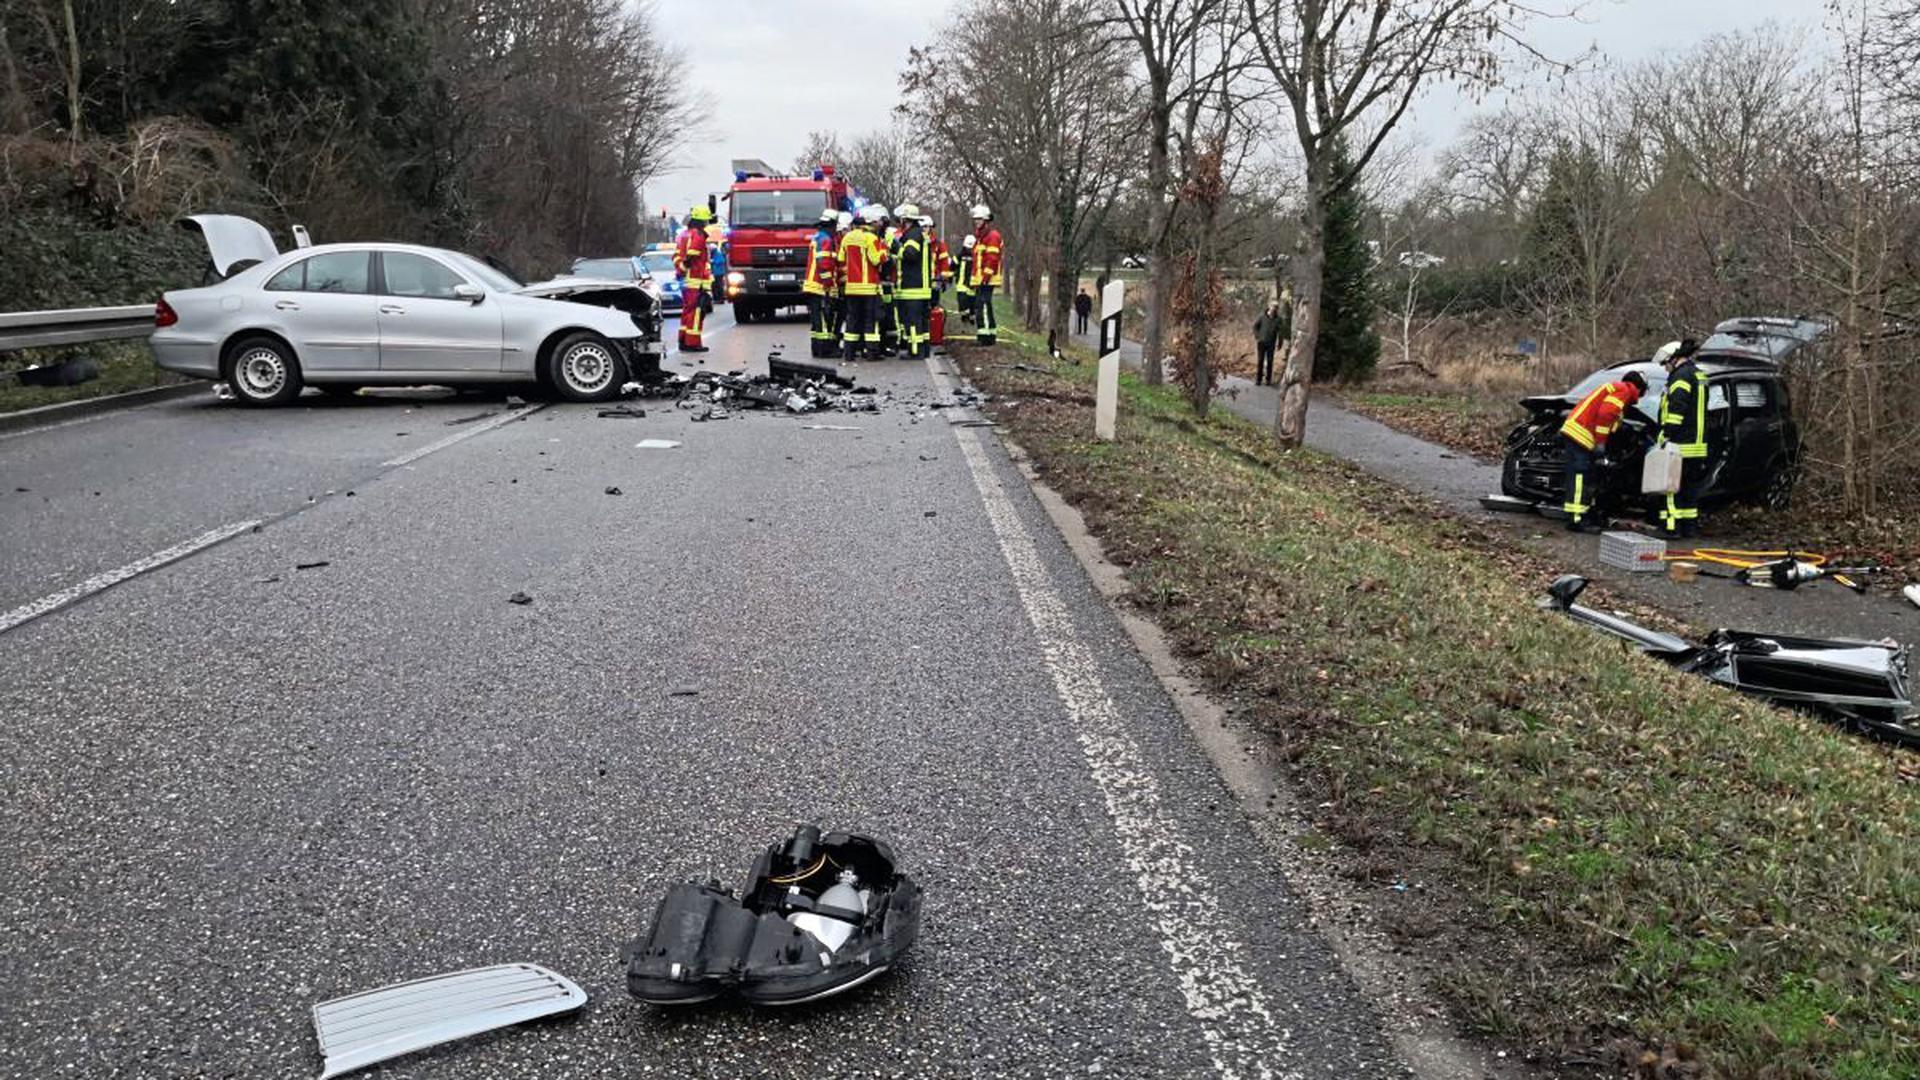 Frontalzusammenstoß mit mehreren Schwerverletzten in Karlsruhe-Grötzingen auf der B3.